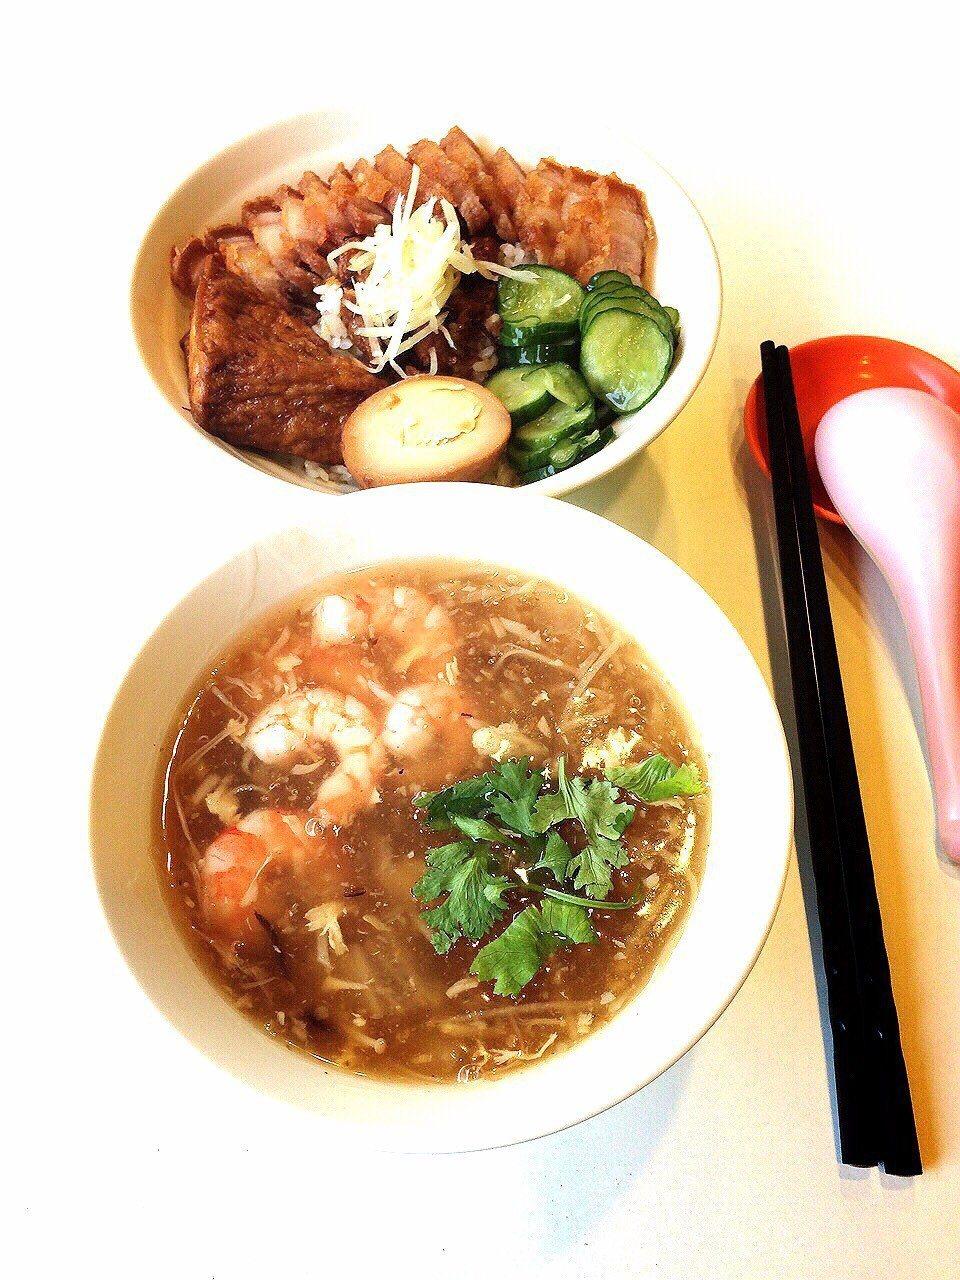 台中肉羹攤是銅板美食,因食材都很新鮮又霸氣,曾是人氣肉羹攤。 圖/陳家毅家人提供